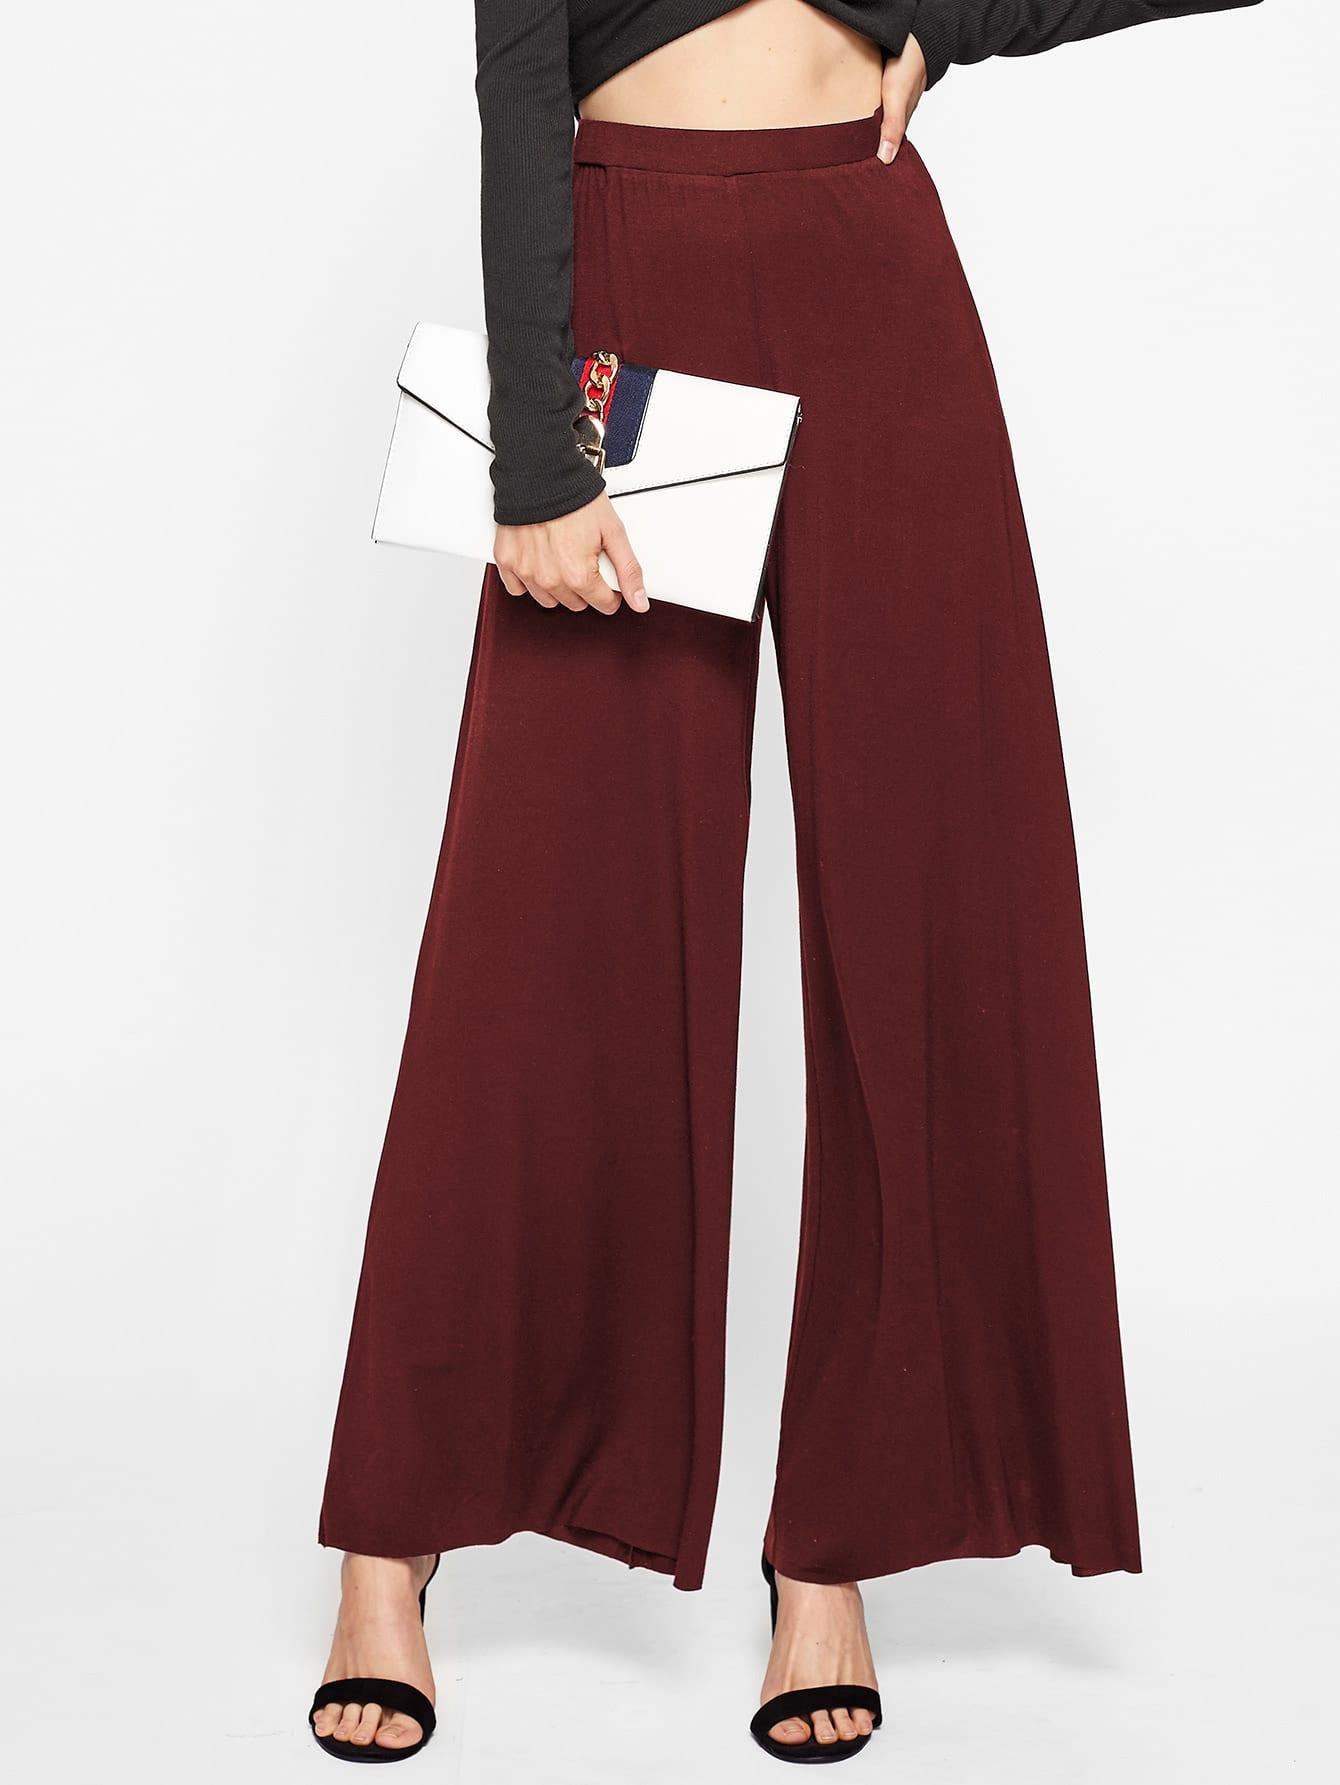 Купить Модные широкие брюки с эластичной талией, Zoranaa, SheIn